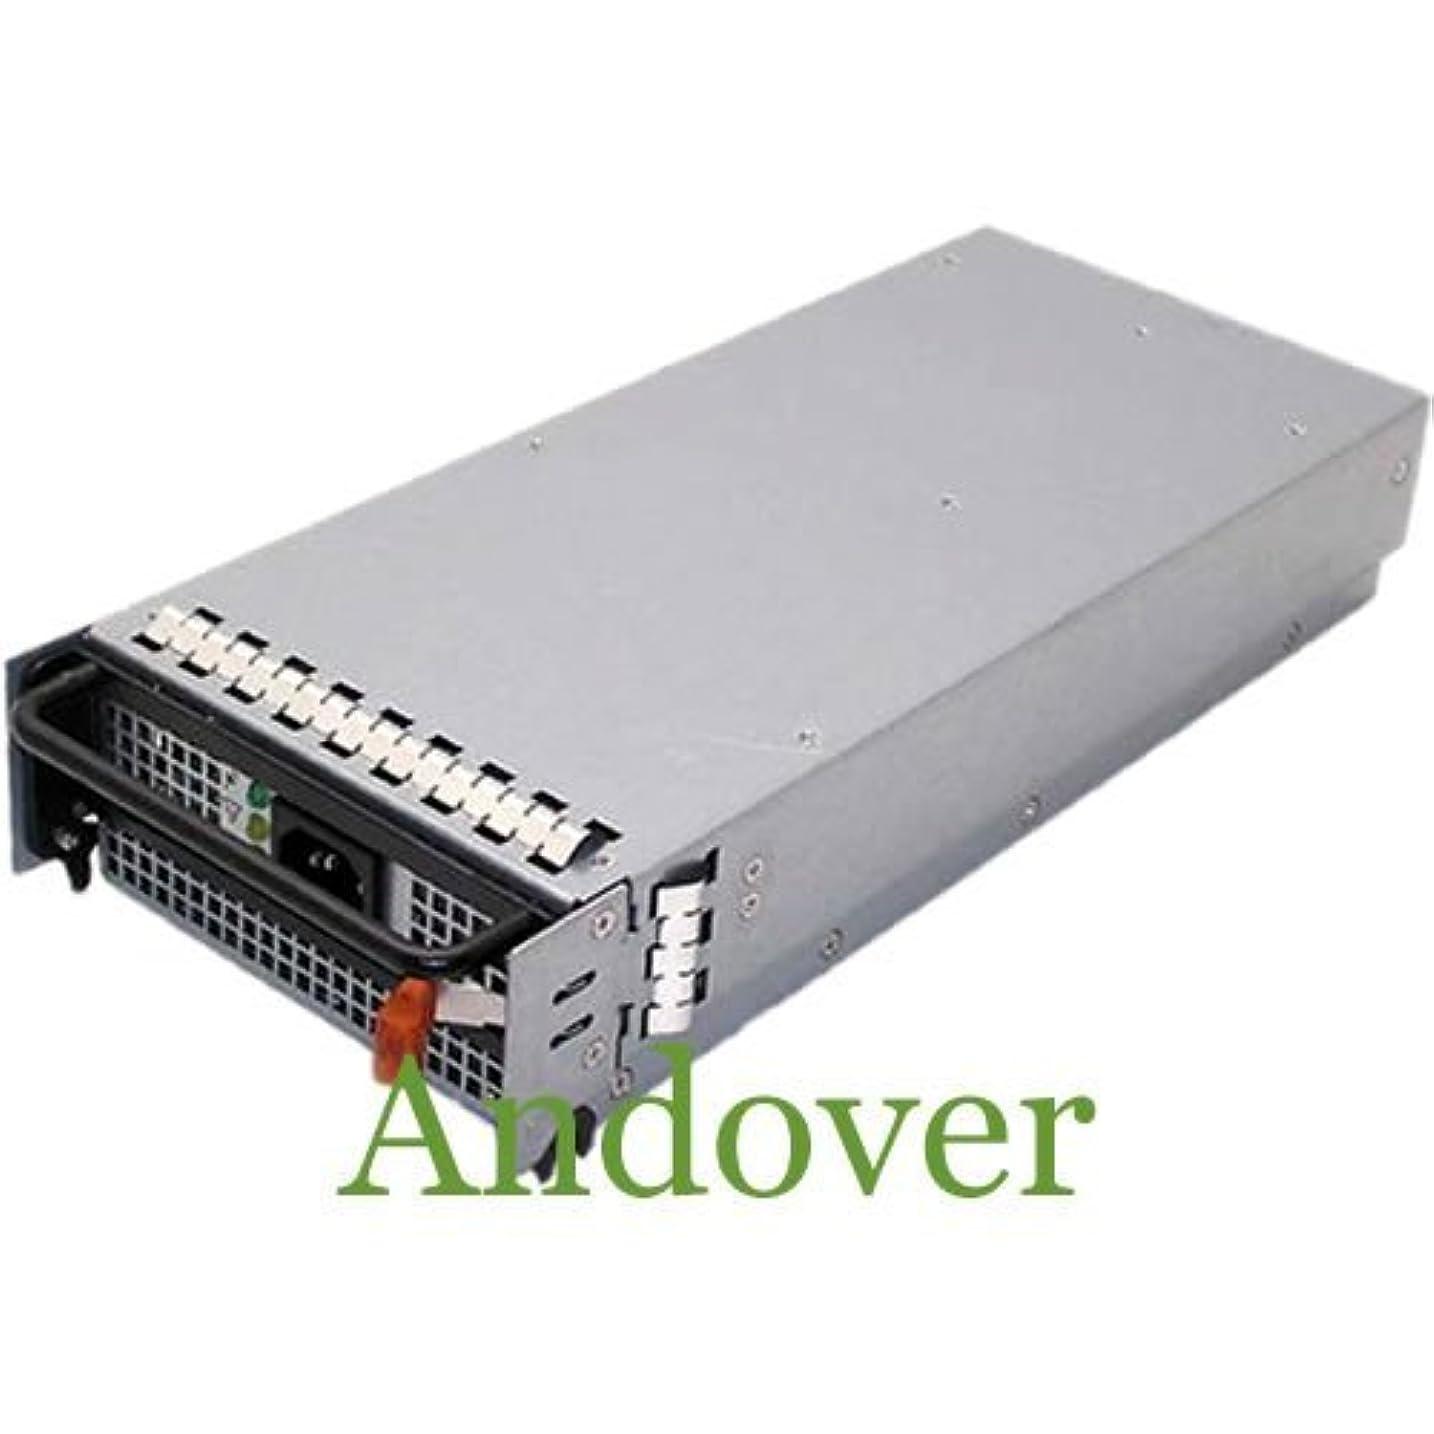 大学逆誤ってDELL Power Supply Unit for PowerEdge 2900. Mfr. # Z930P-00 by Dell [並行輸入品]